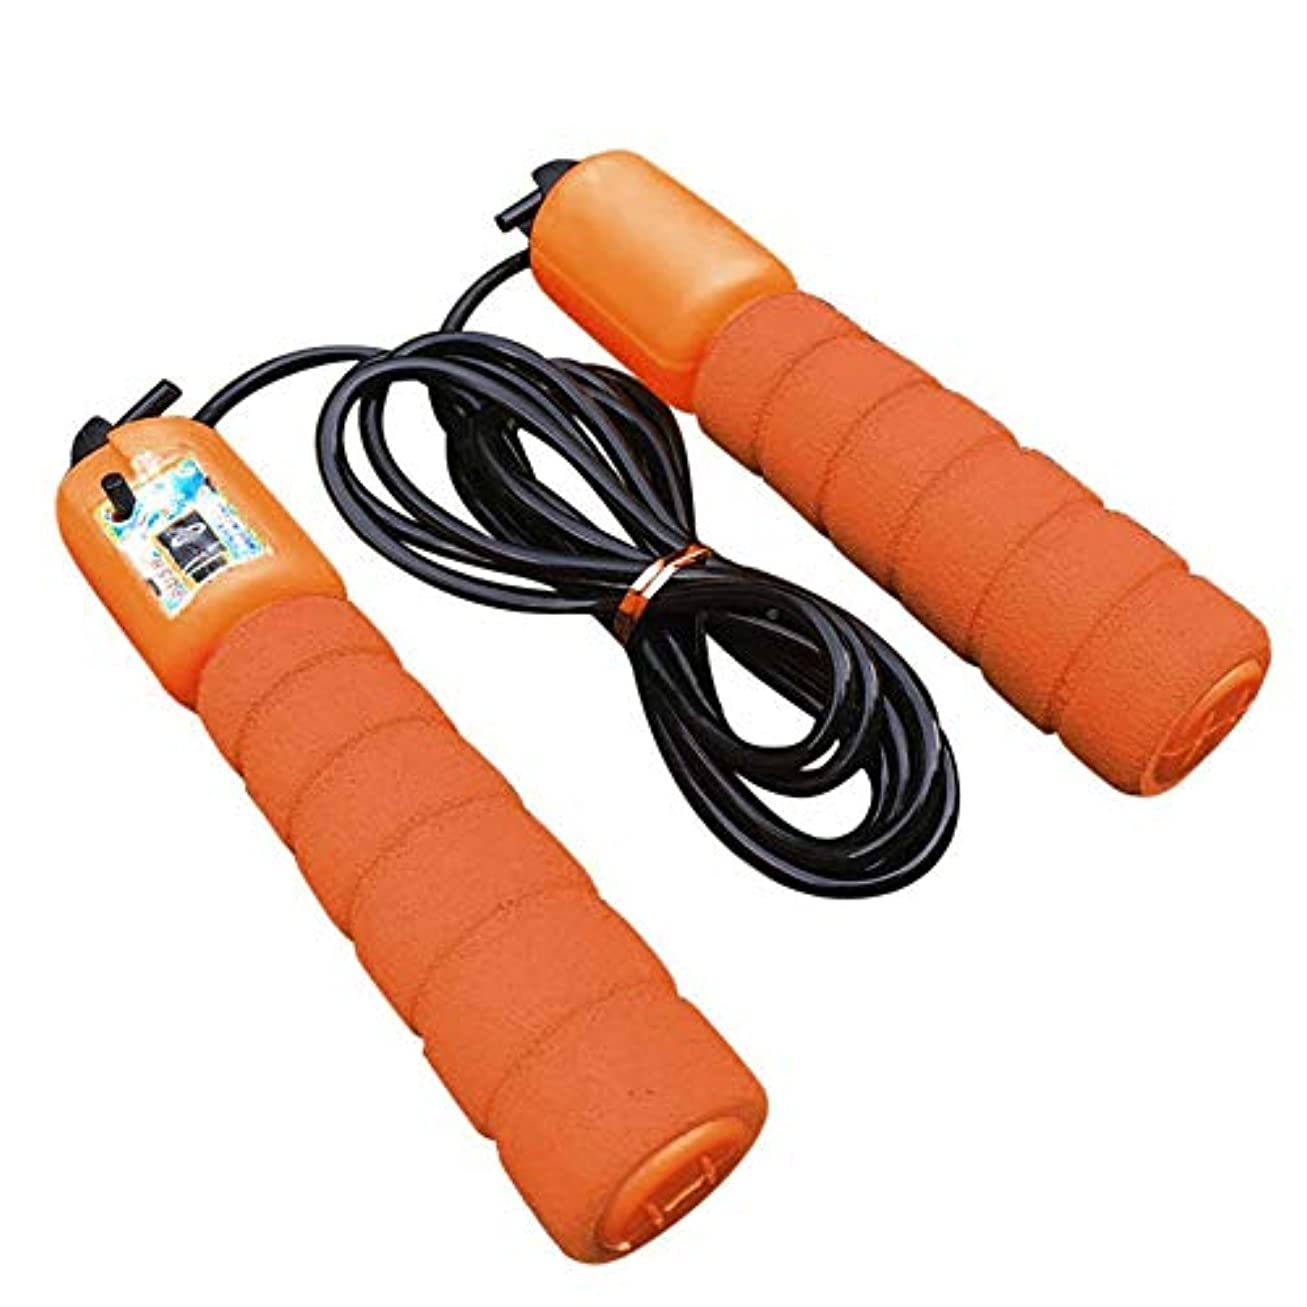 ドールデータサリー調整可能なプロのカウント縄跳び自動カウントジャンプロープフィットネス運動高速カウントジャンプロープ - オレンジ